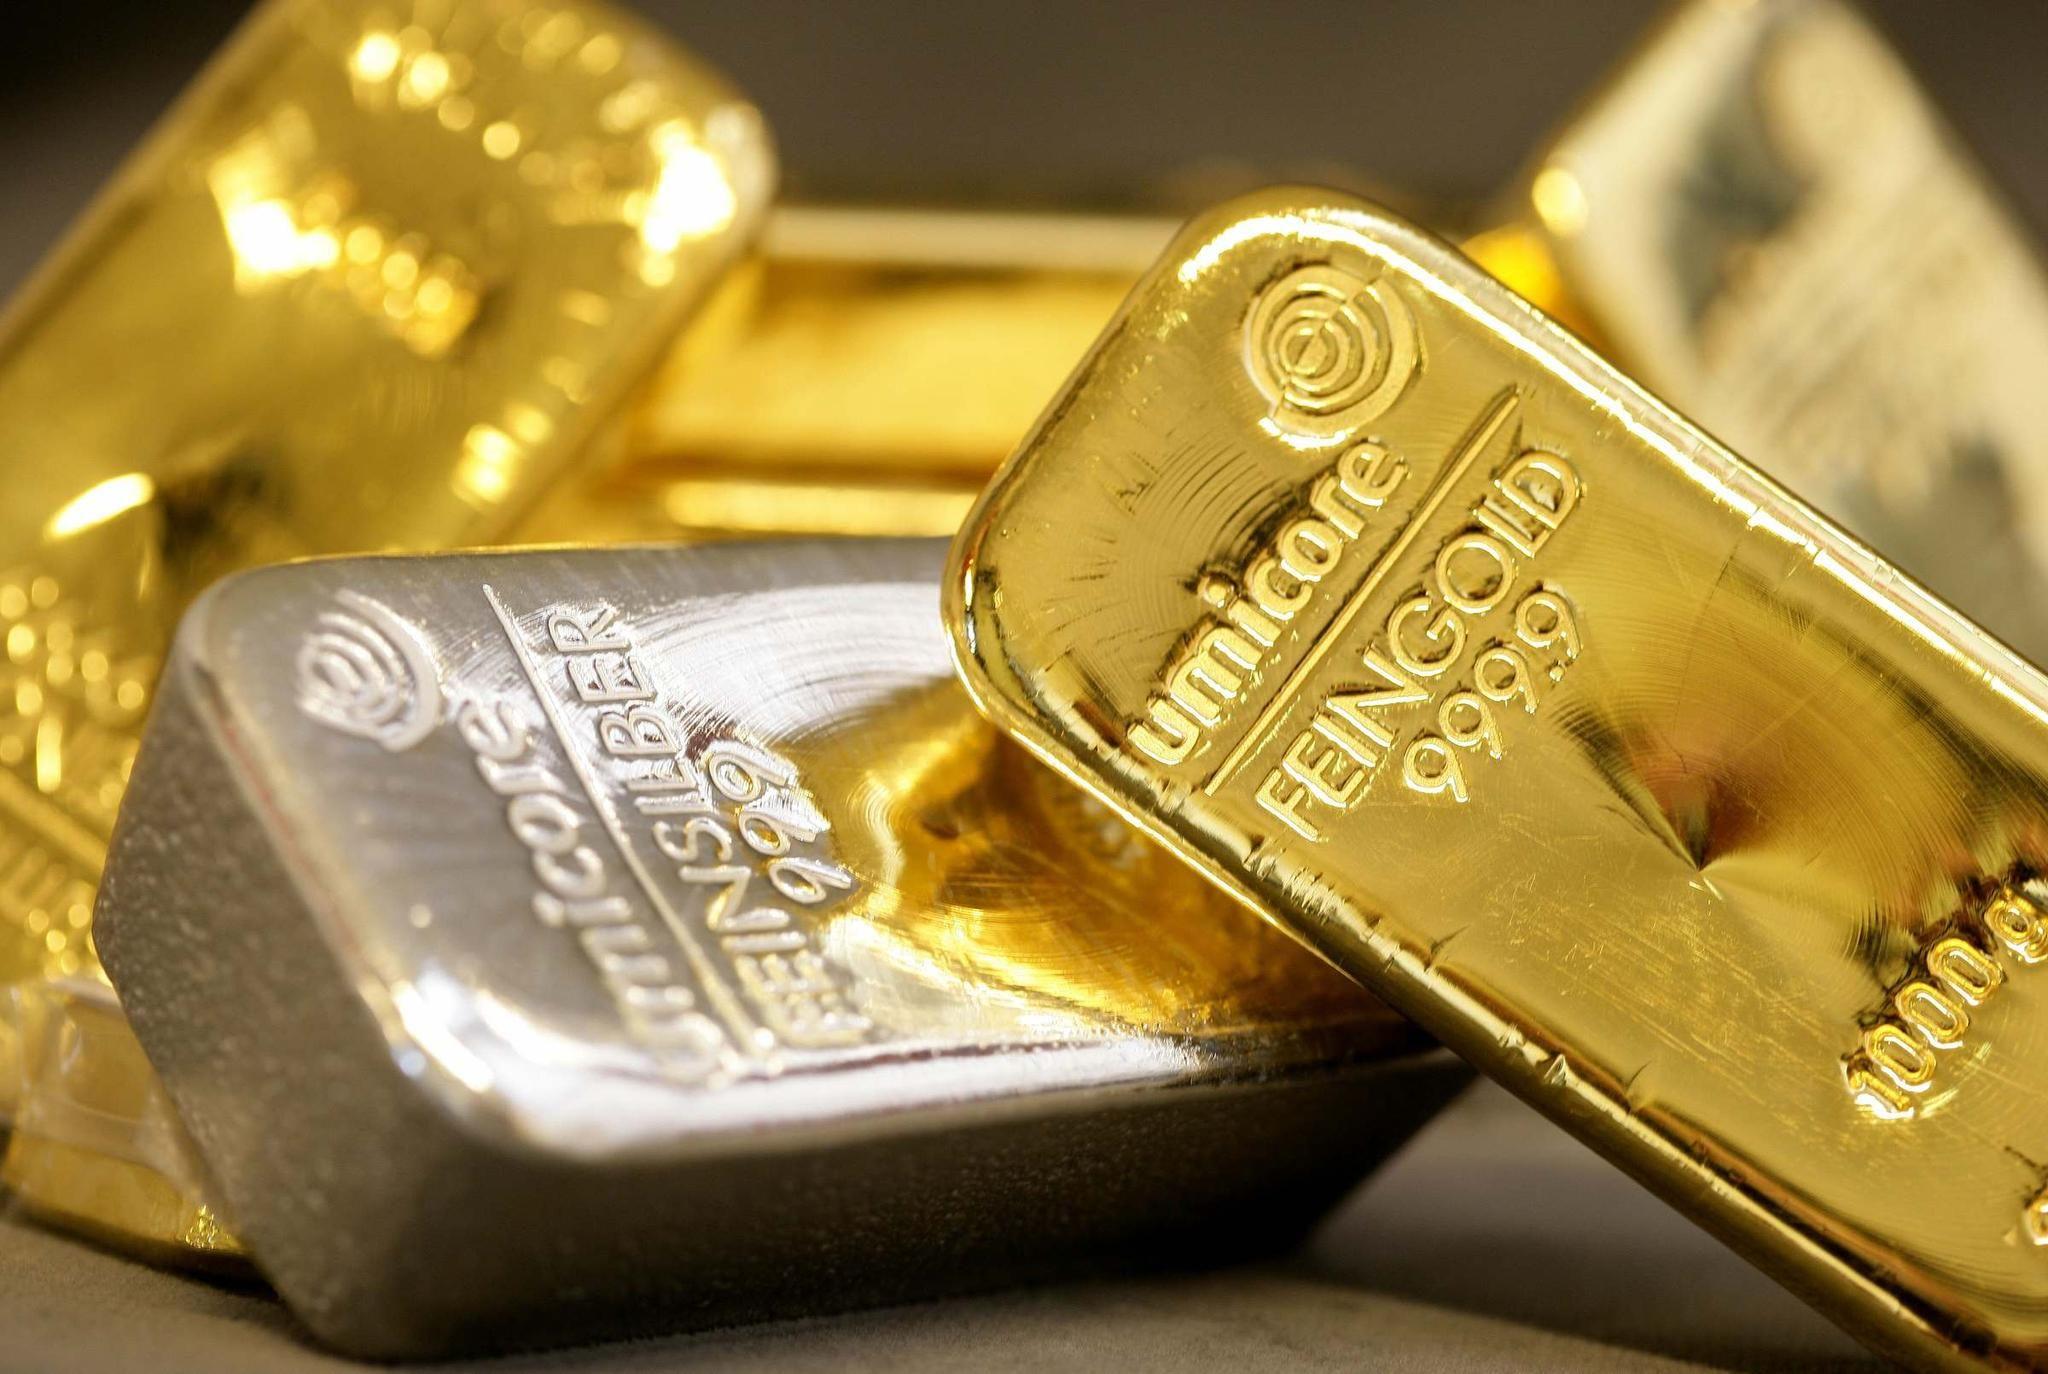 黄金价格跌至每盎司1800美元以下,但蒙古大量买入